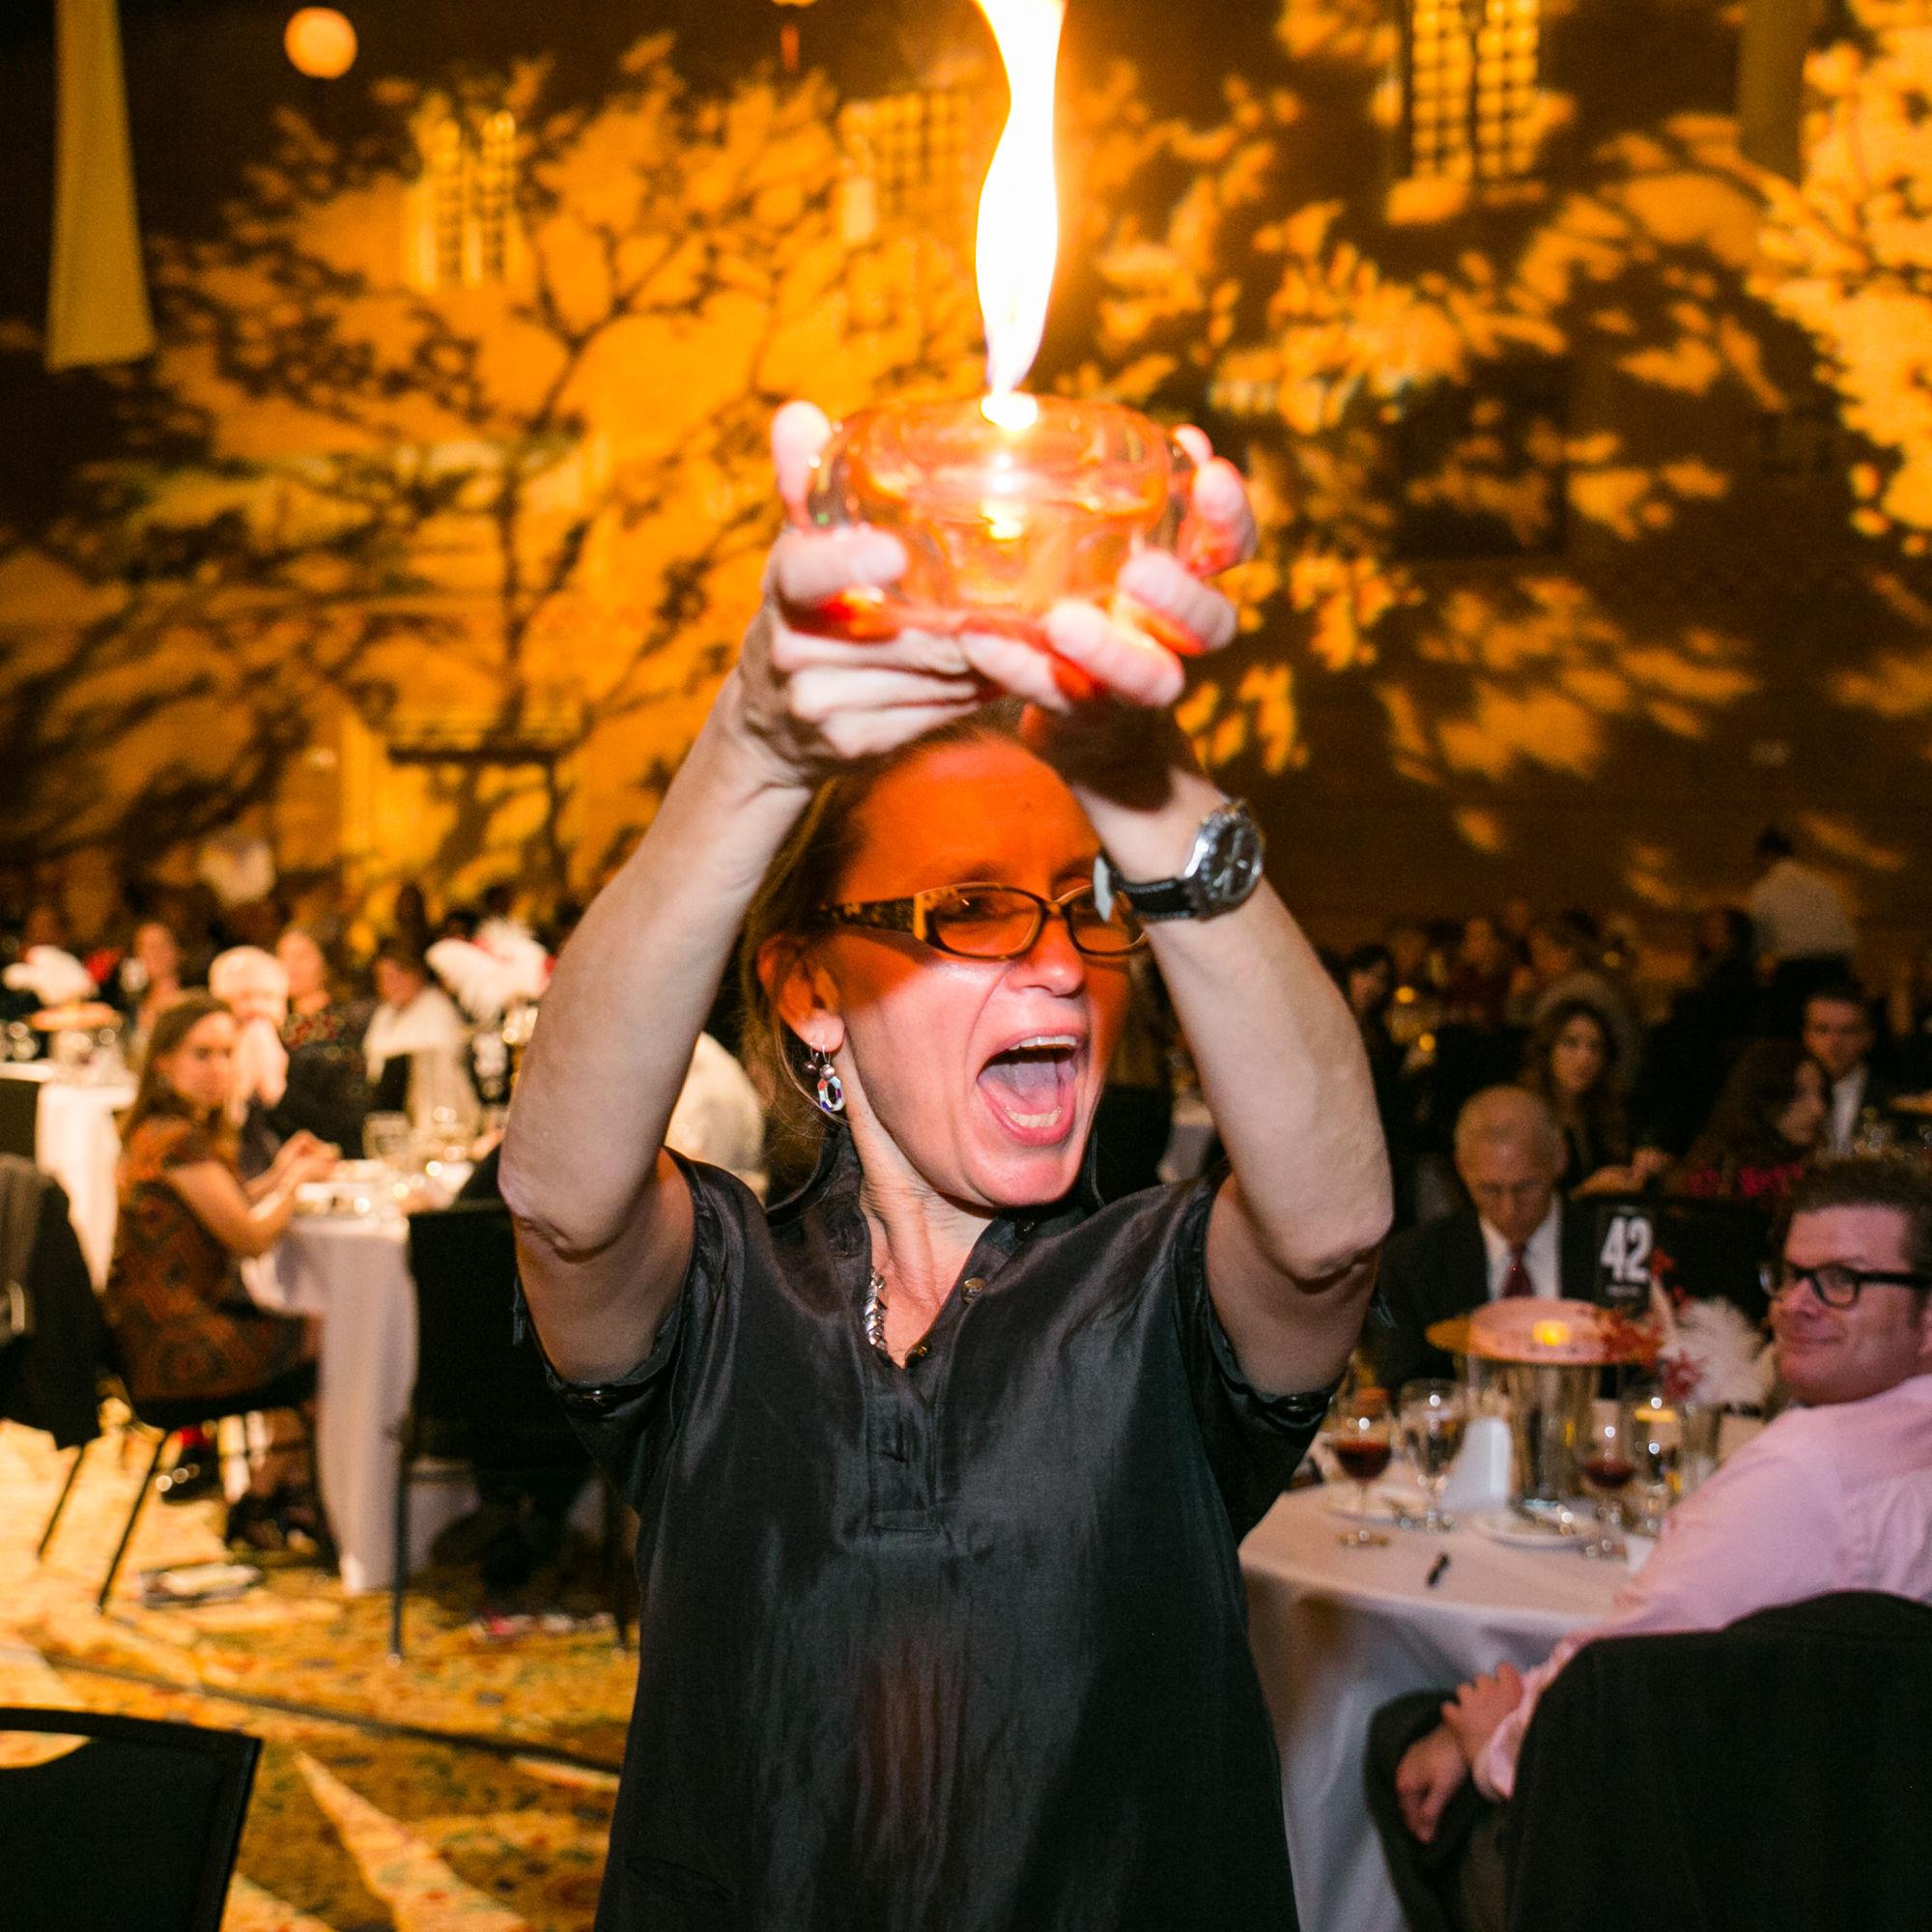 Light a fire 2015 168 xzdade